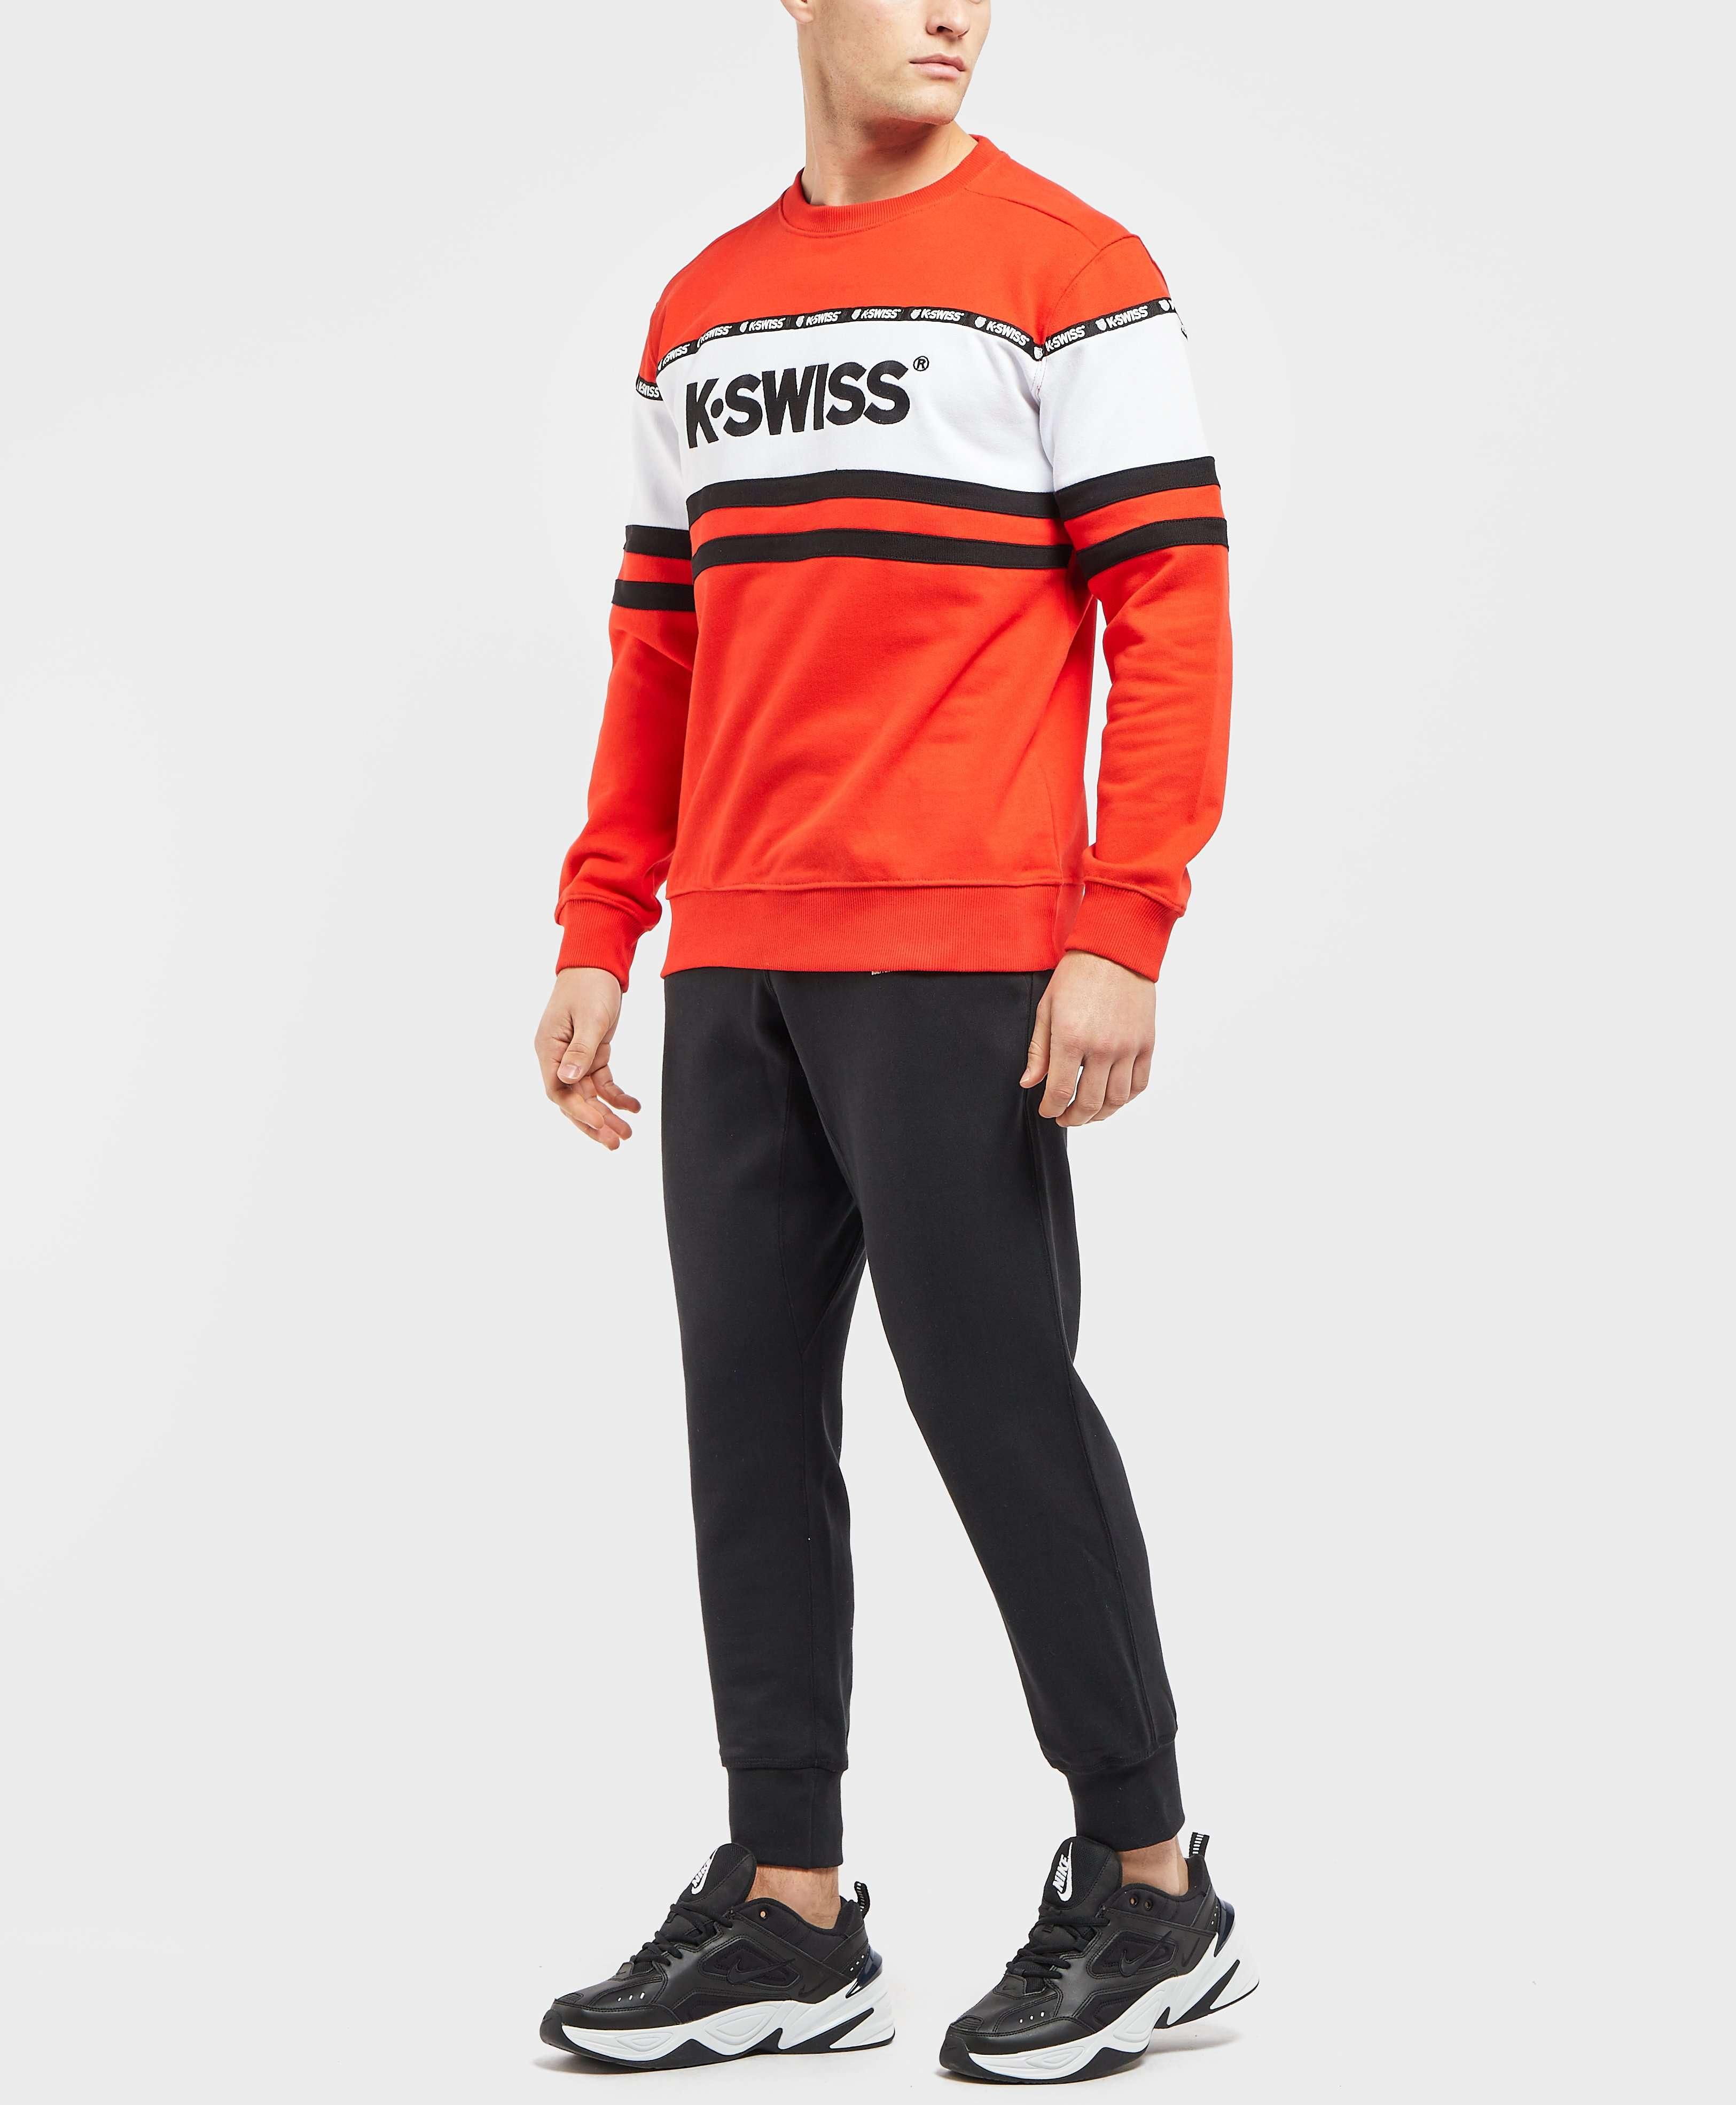 K-Swiss Fresno Crew Sweatshirt - Online Exclusive